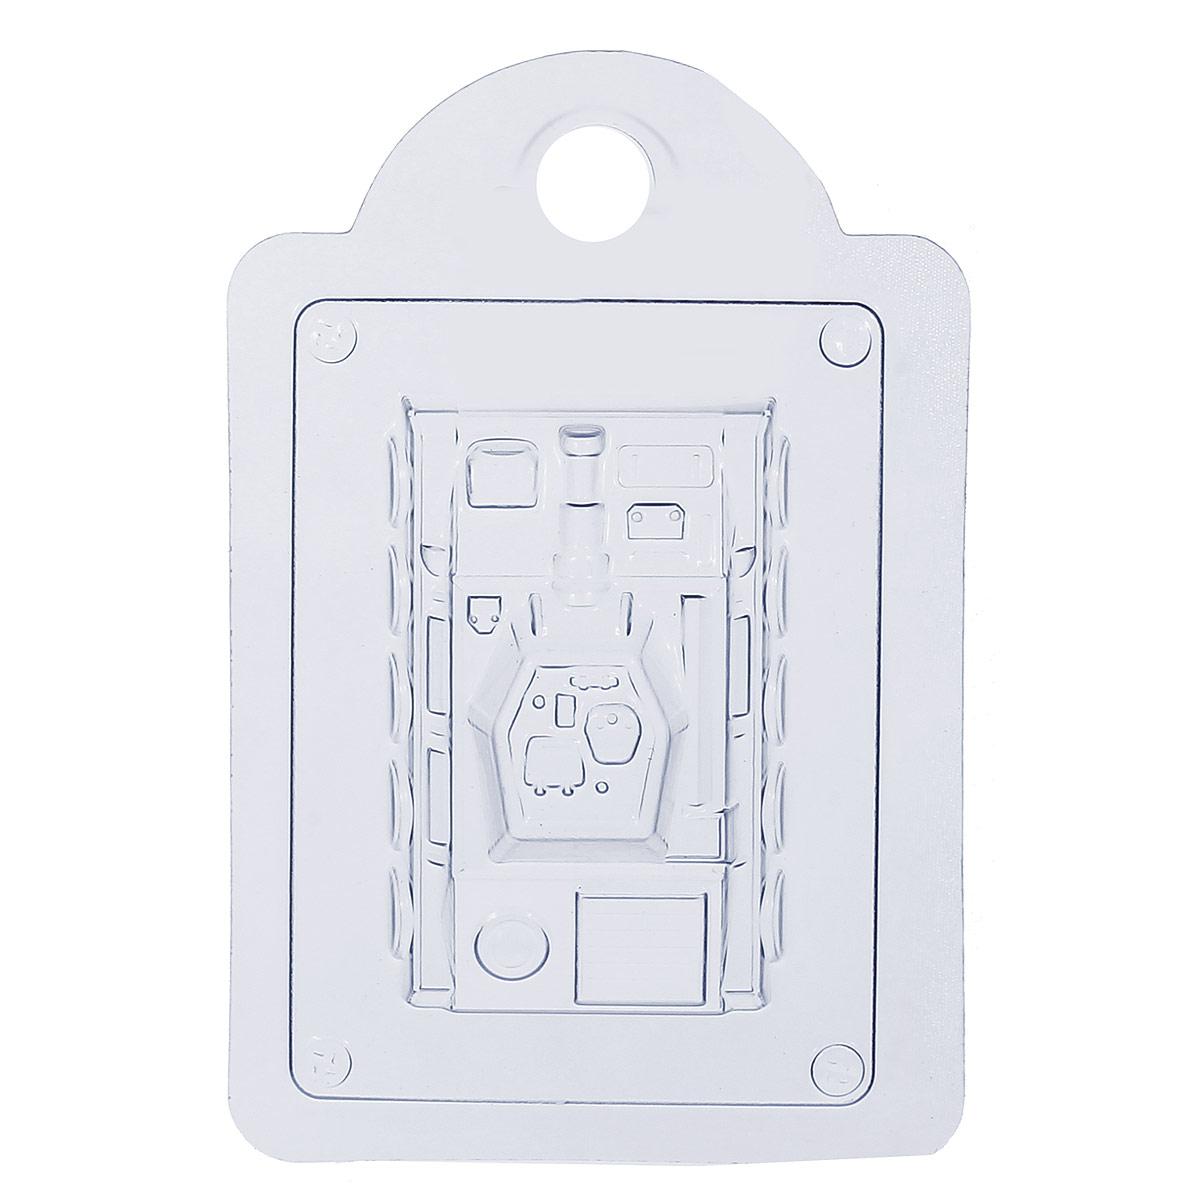 Форма для литья Танк, пластиковая, 16 х 11 х 2,5 см форма для литья танк пластиковая 16 х 11 х 2 5 см